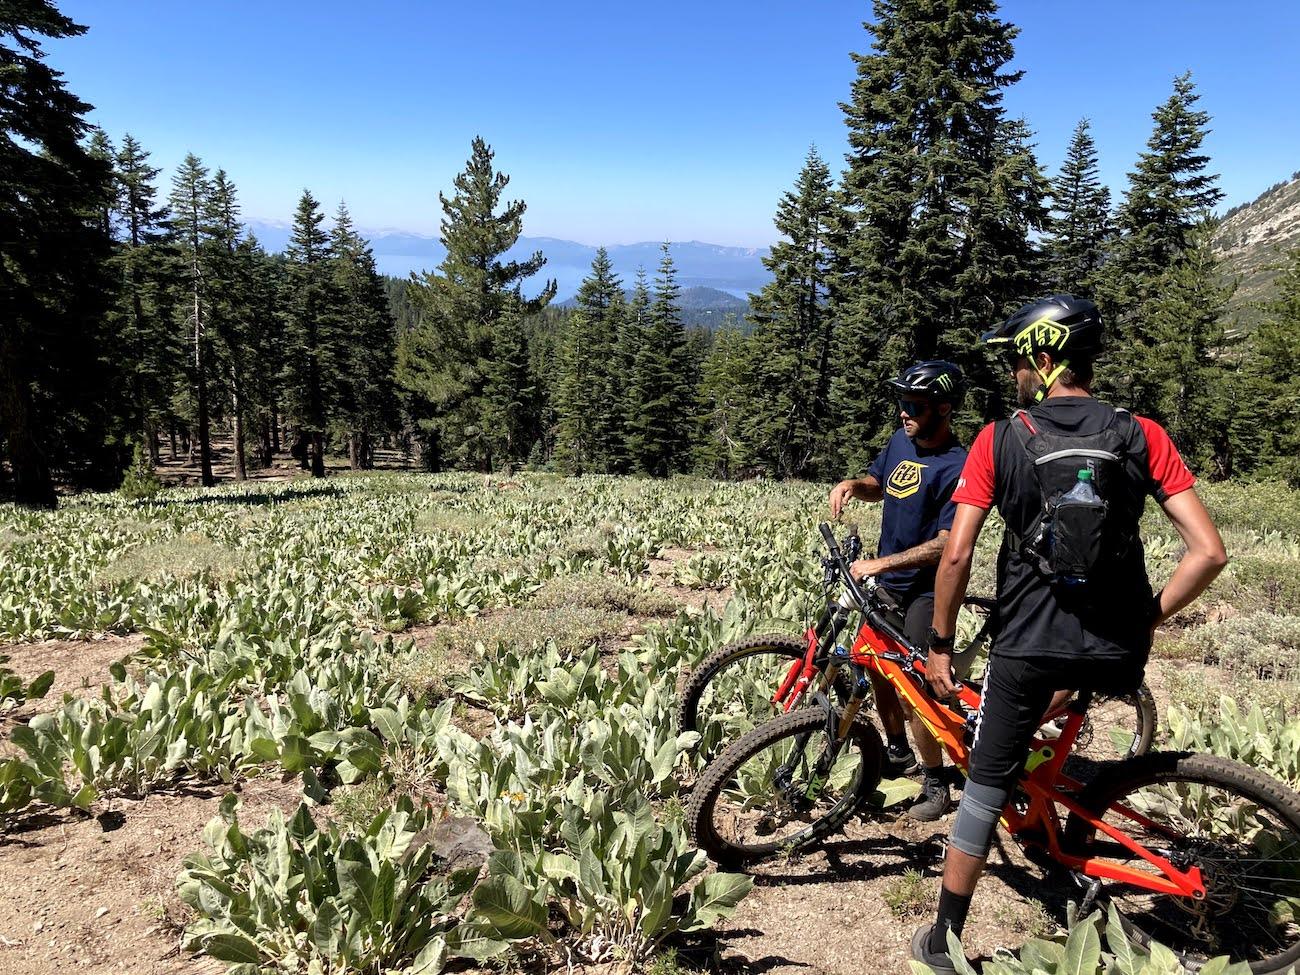 Bikers on Tyrolian Trail